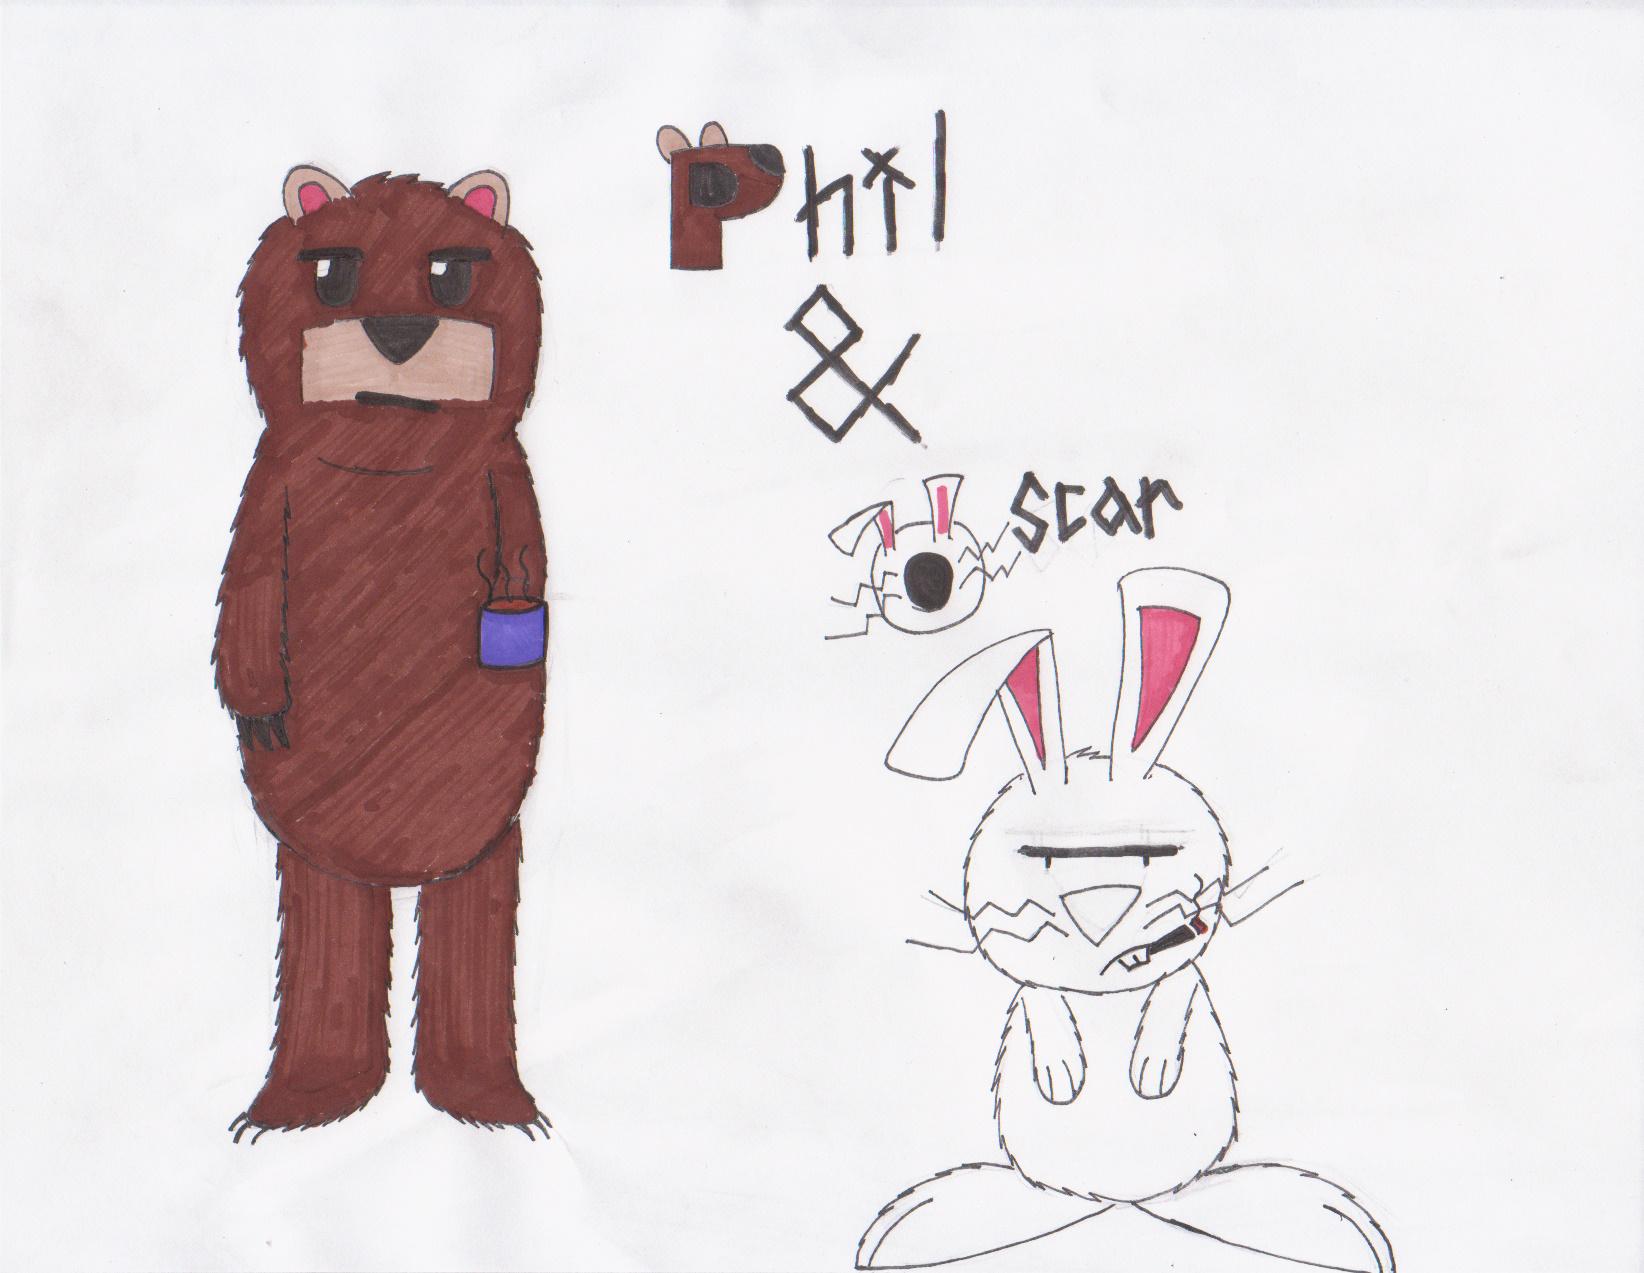 Phil & Oscar